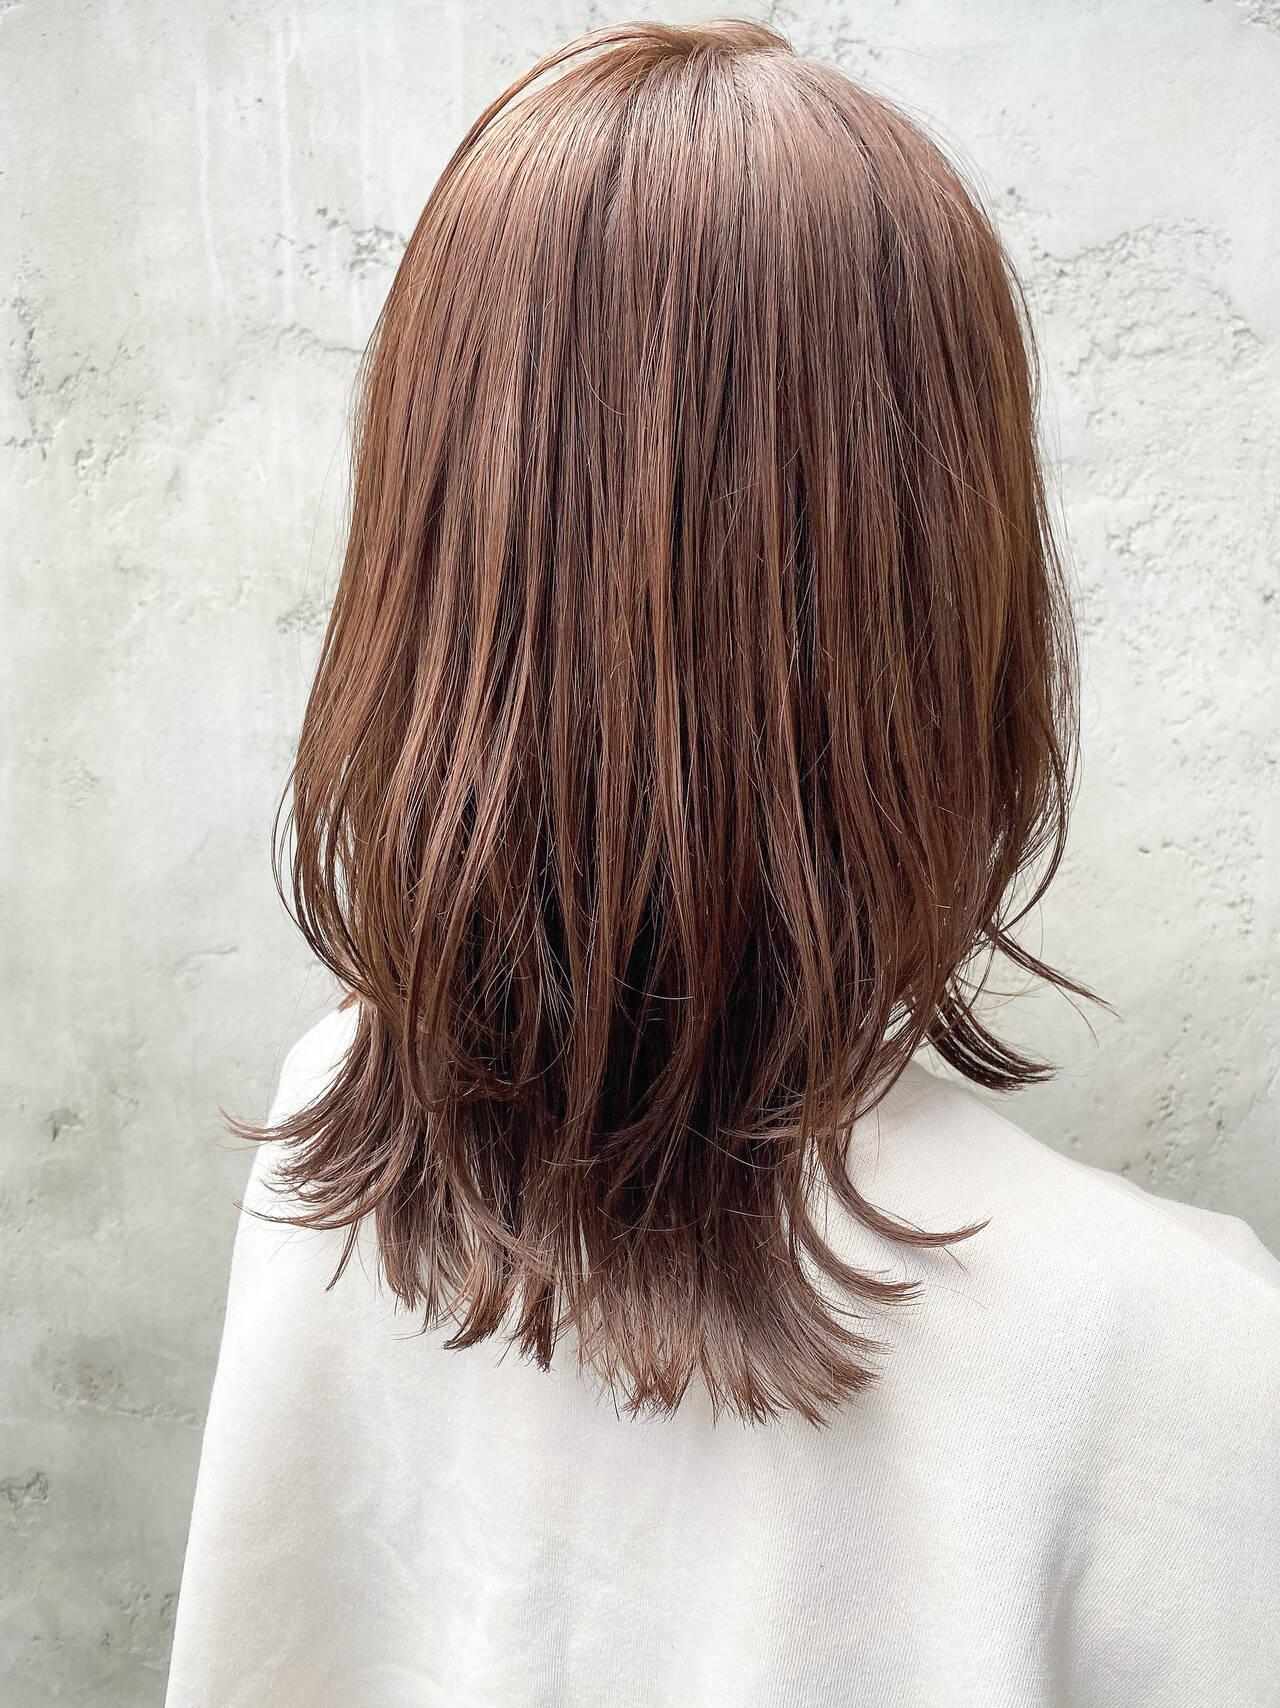 レイヤーボブ ウルフレイヤー 縮毛矯正ストカール ナチュラルヘアスタイルや髪型の写真・画像